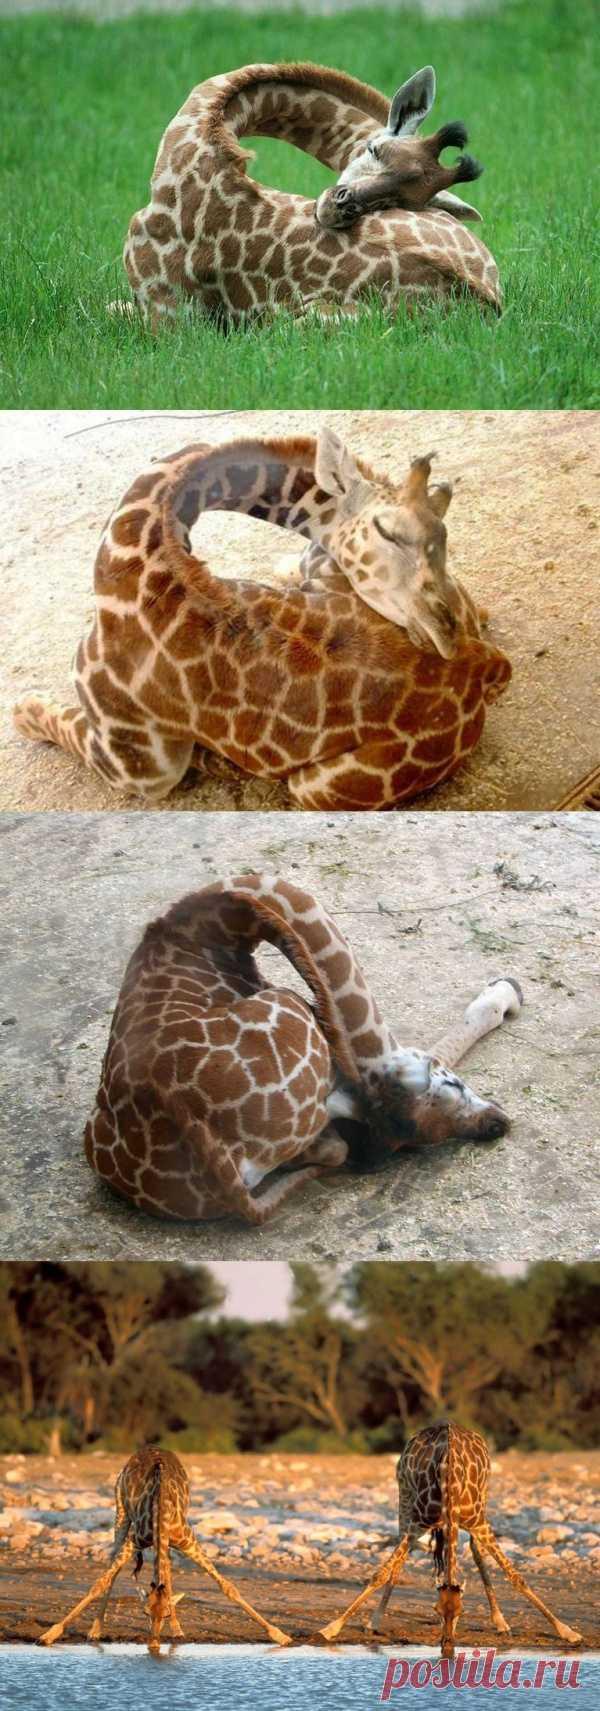 ¿Y usted veían, cómo duermen las jirafas? ¿Y cómo beben el agua?